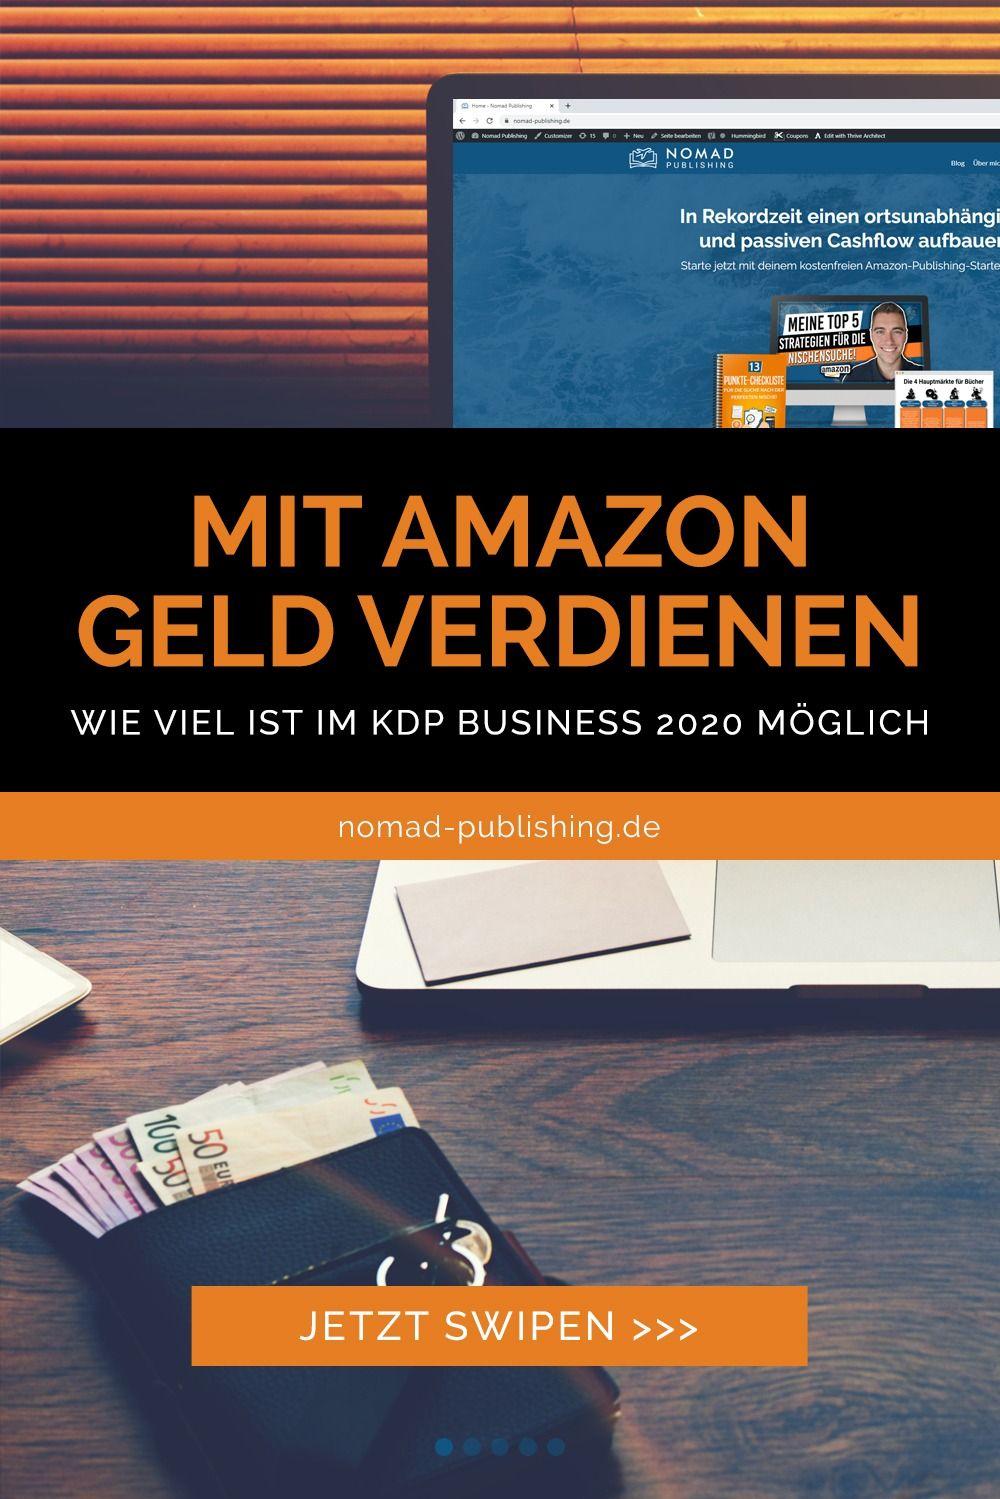 Wie viel Geld kannst du im Amazon Kindle Business verdienen? Erfahre jetzt, welche Einnahmen meine Coaching Klienten mit dem Verkauf von Büchern im Internet generieren. #nomadpublishing #geldverdienen #onlinebusiness